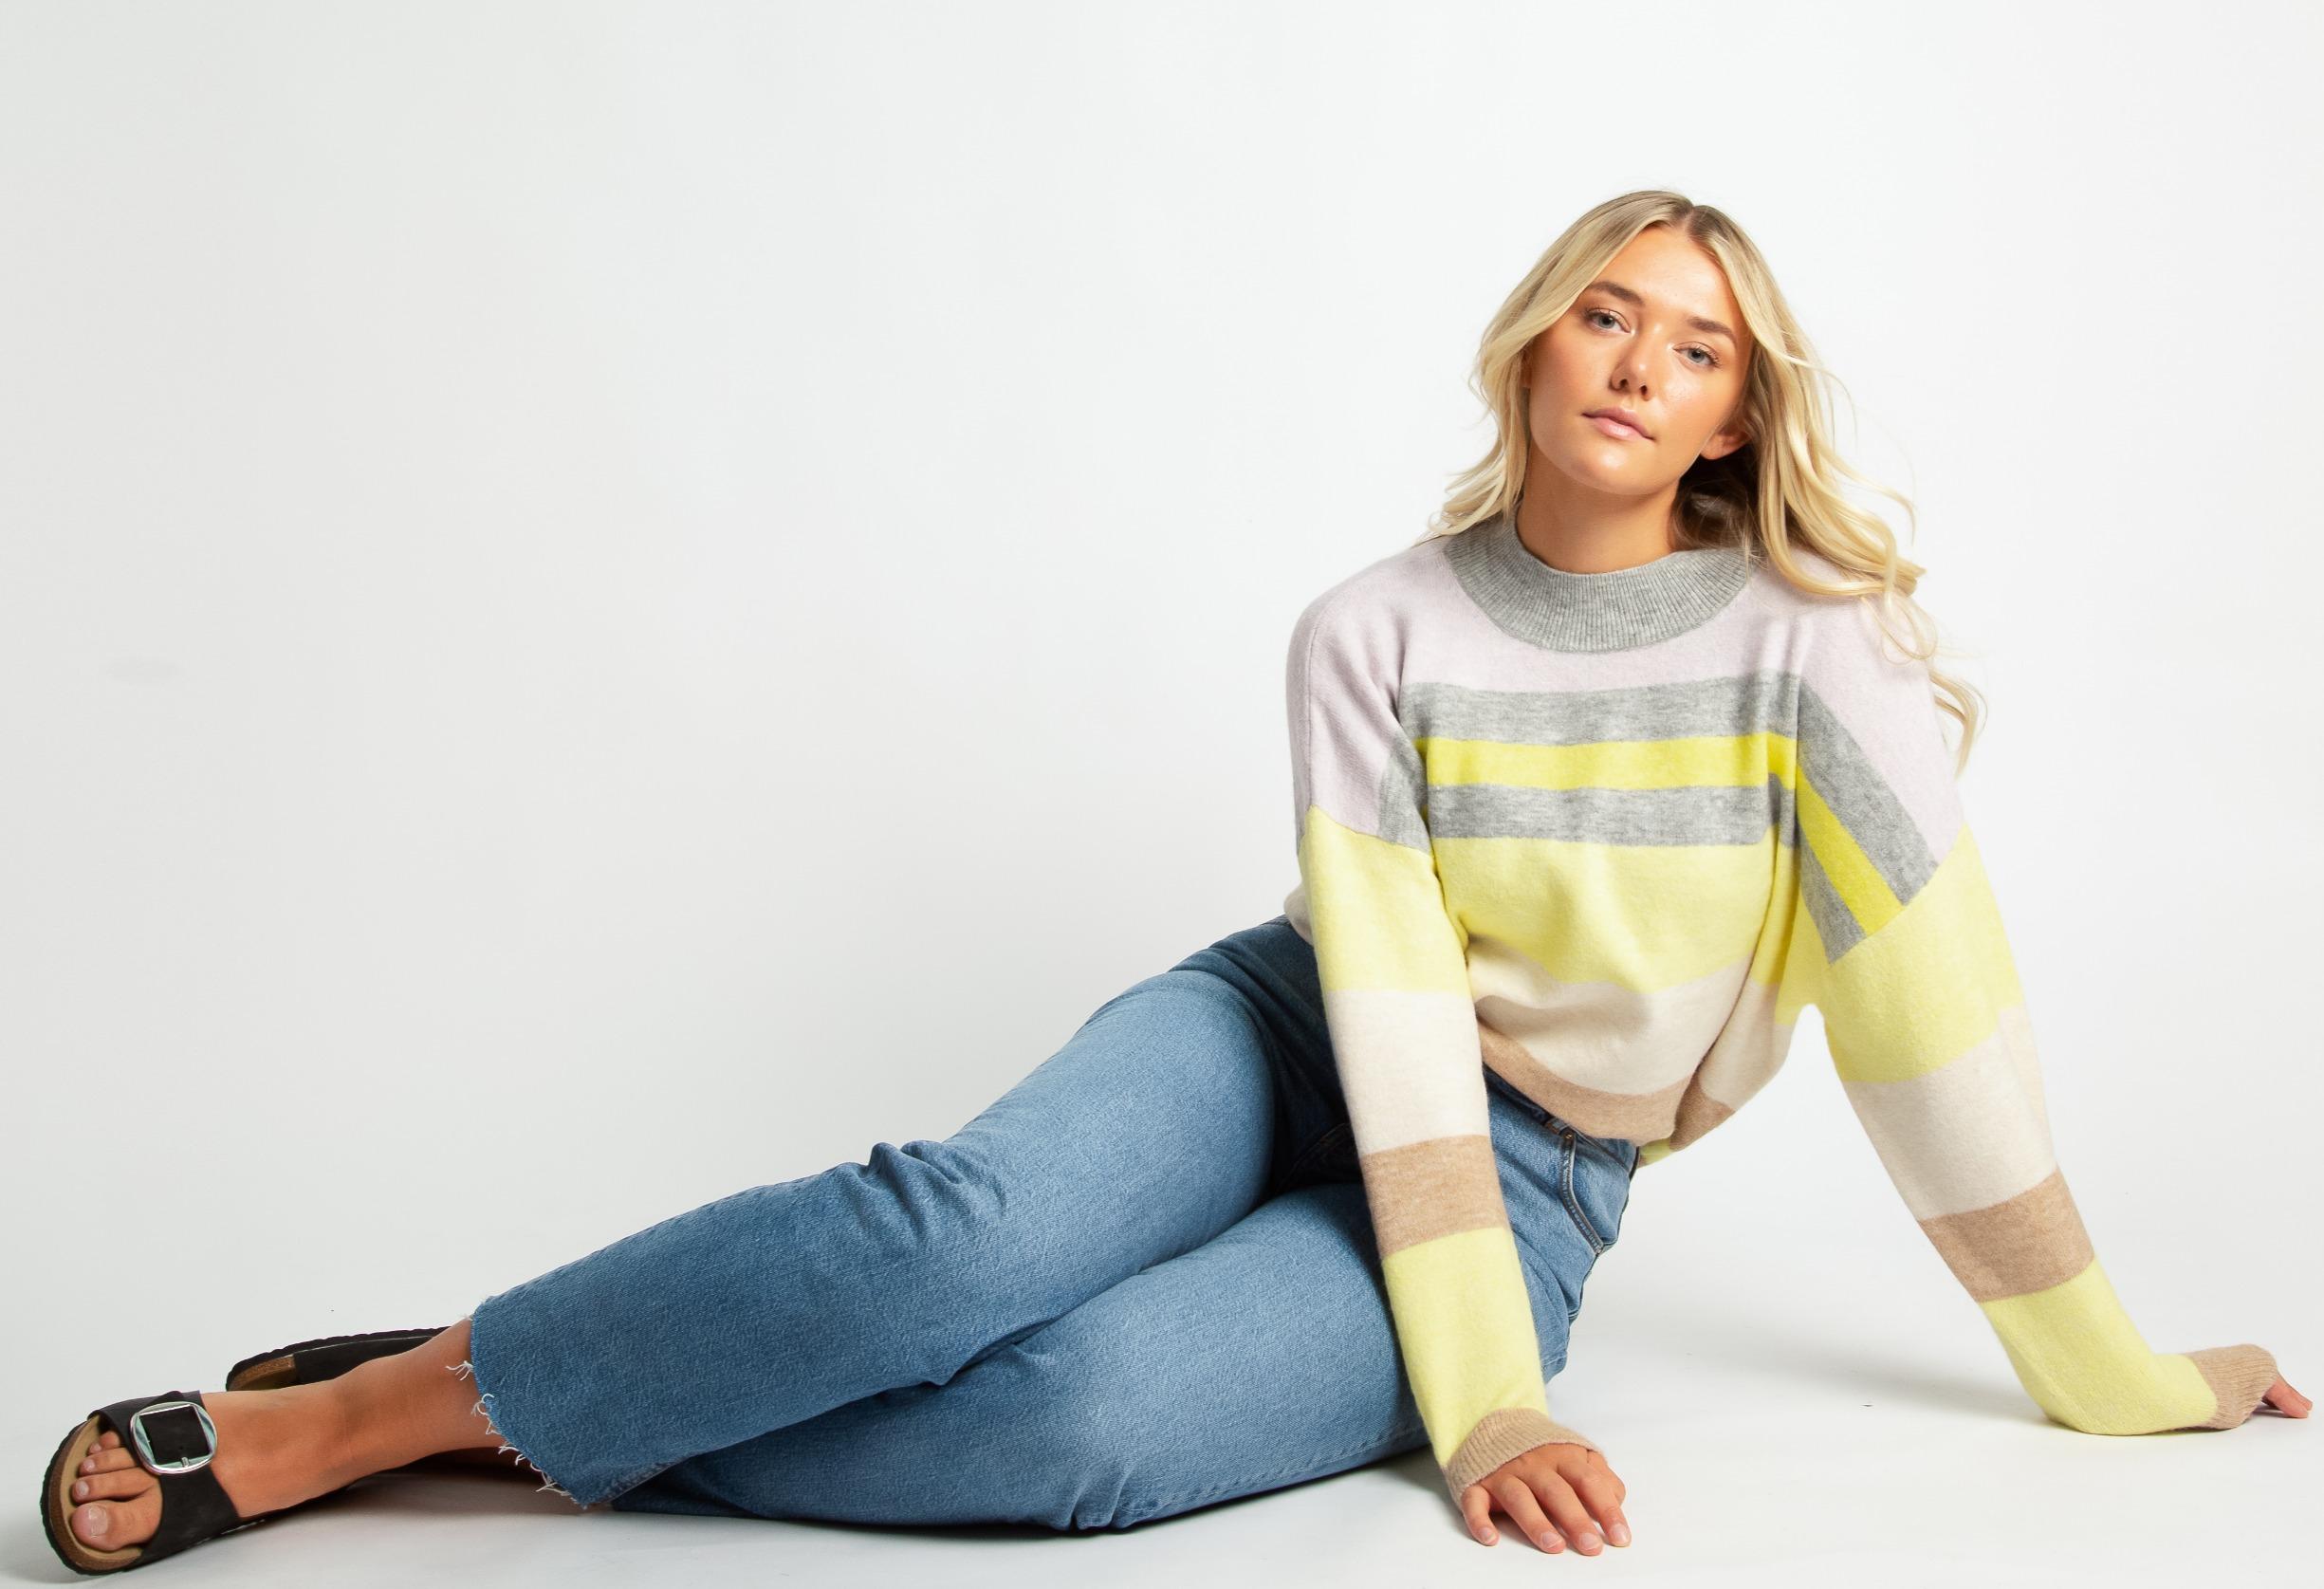 Maisie-Bridge-Models-Mariam-Gomez-19_edi